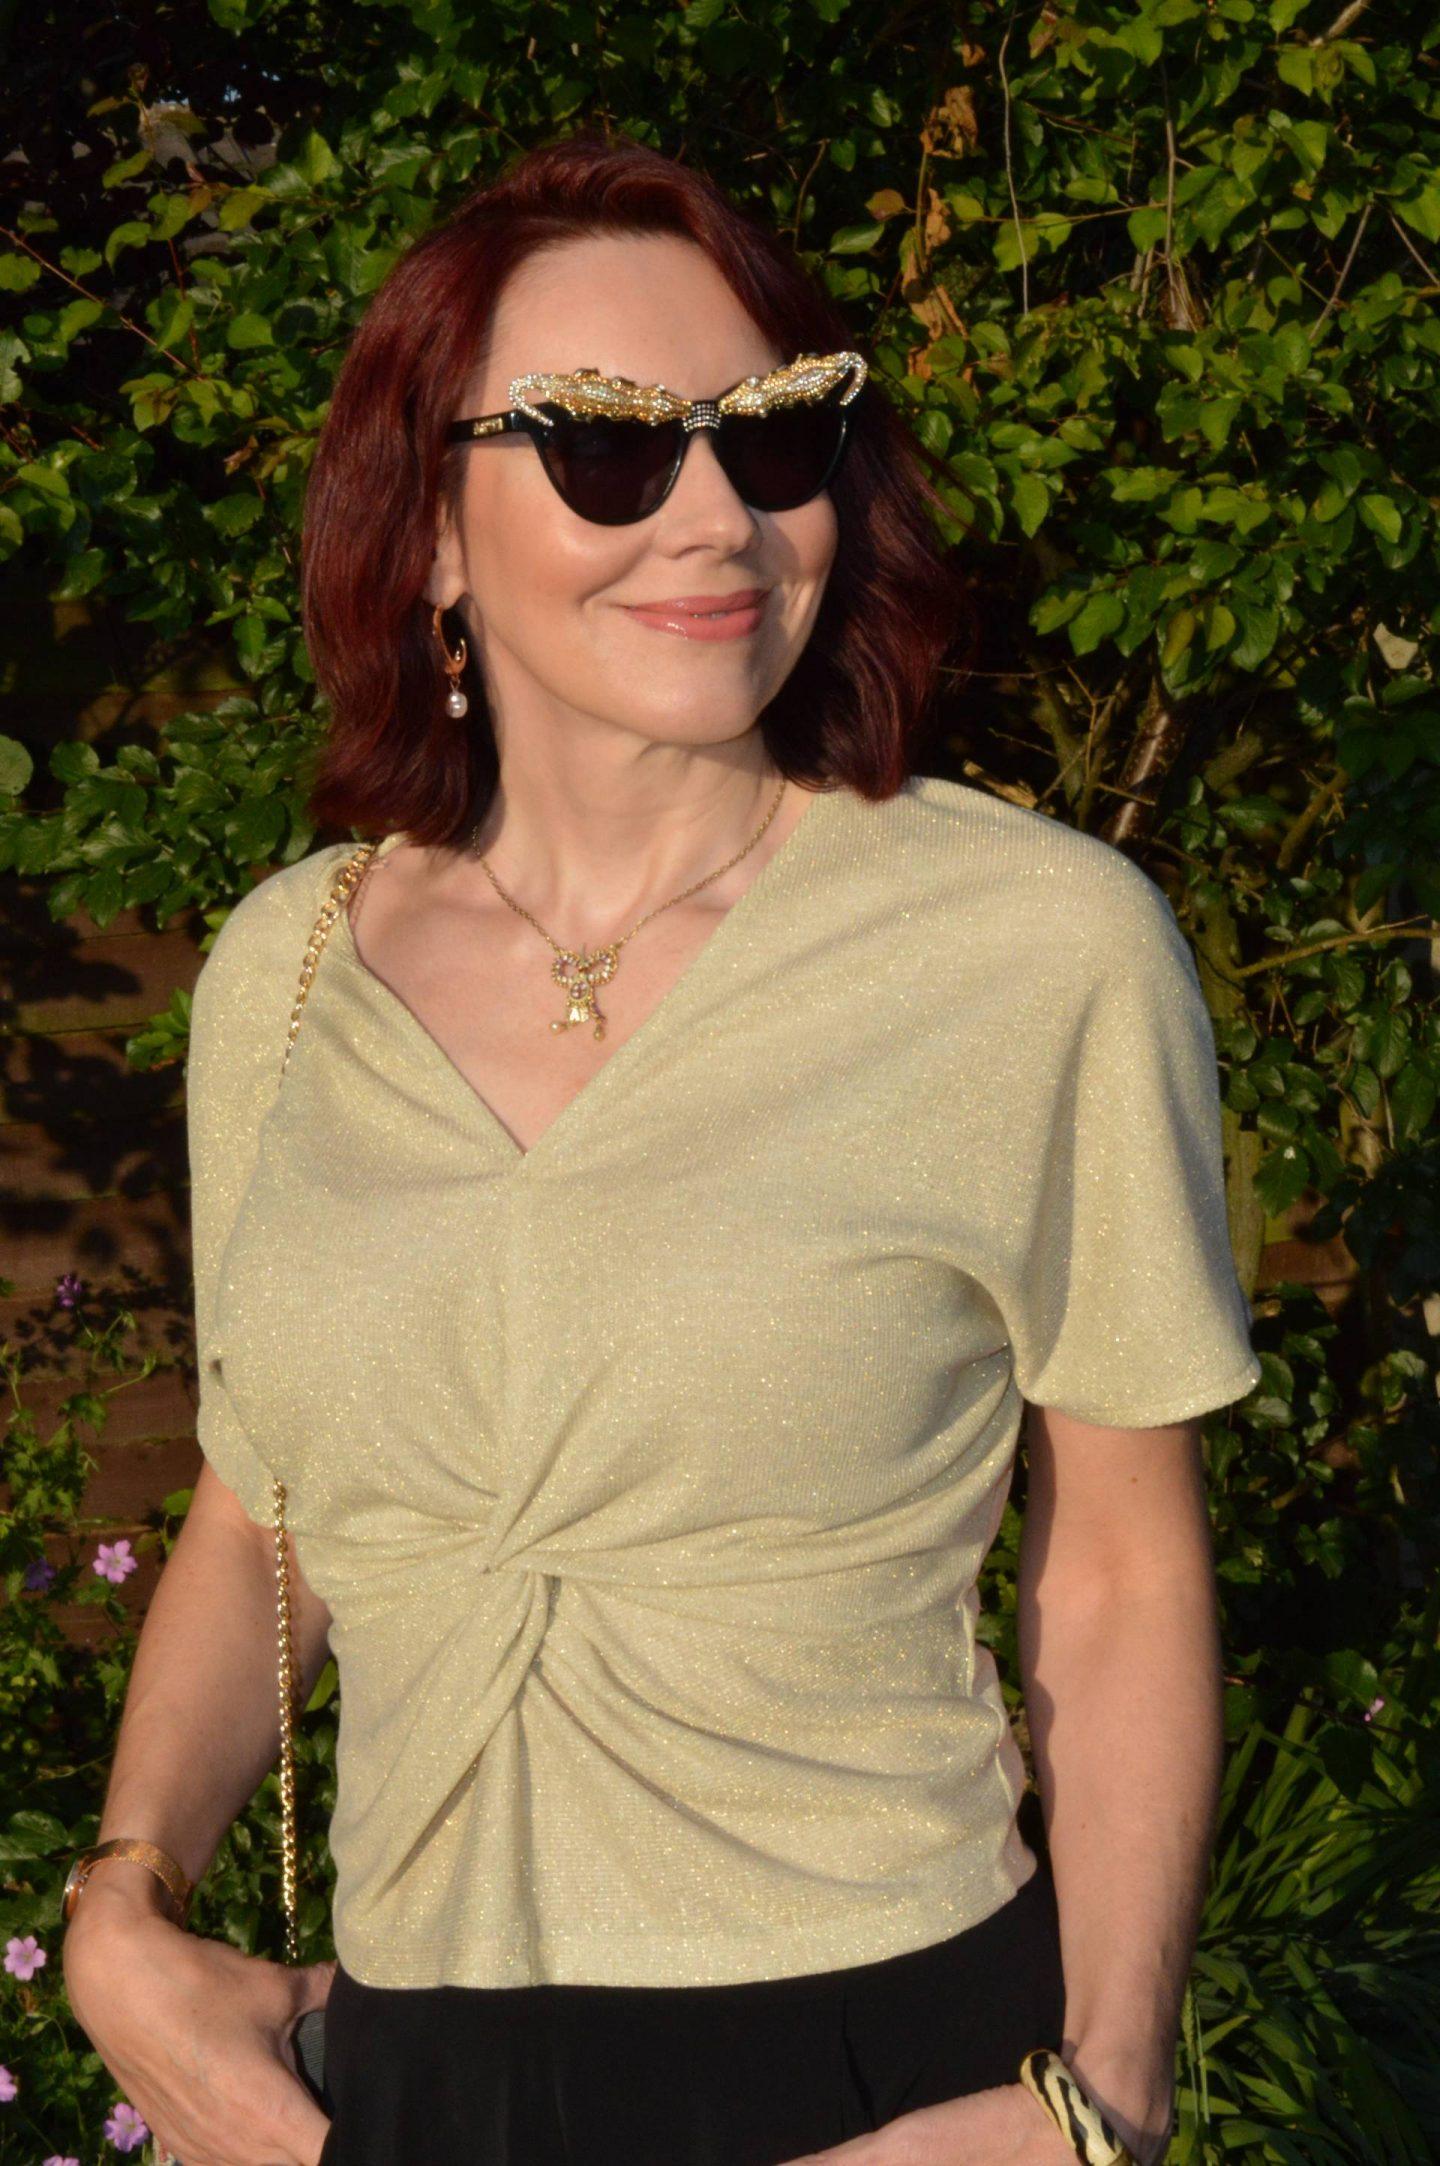 Marks and Spencer gold twist top, Anna Dello Russo H&M lizard sunglasses